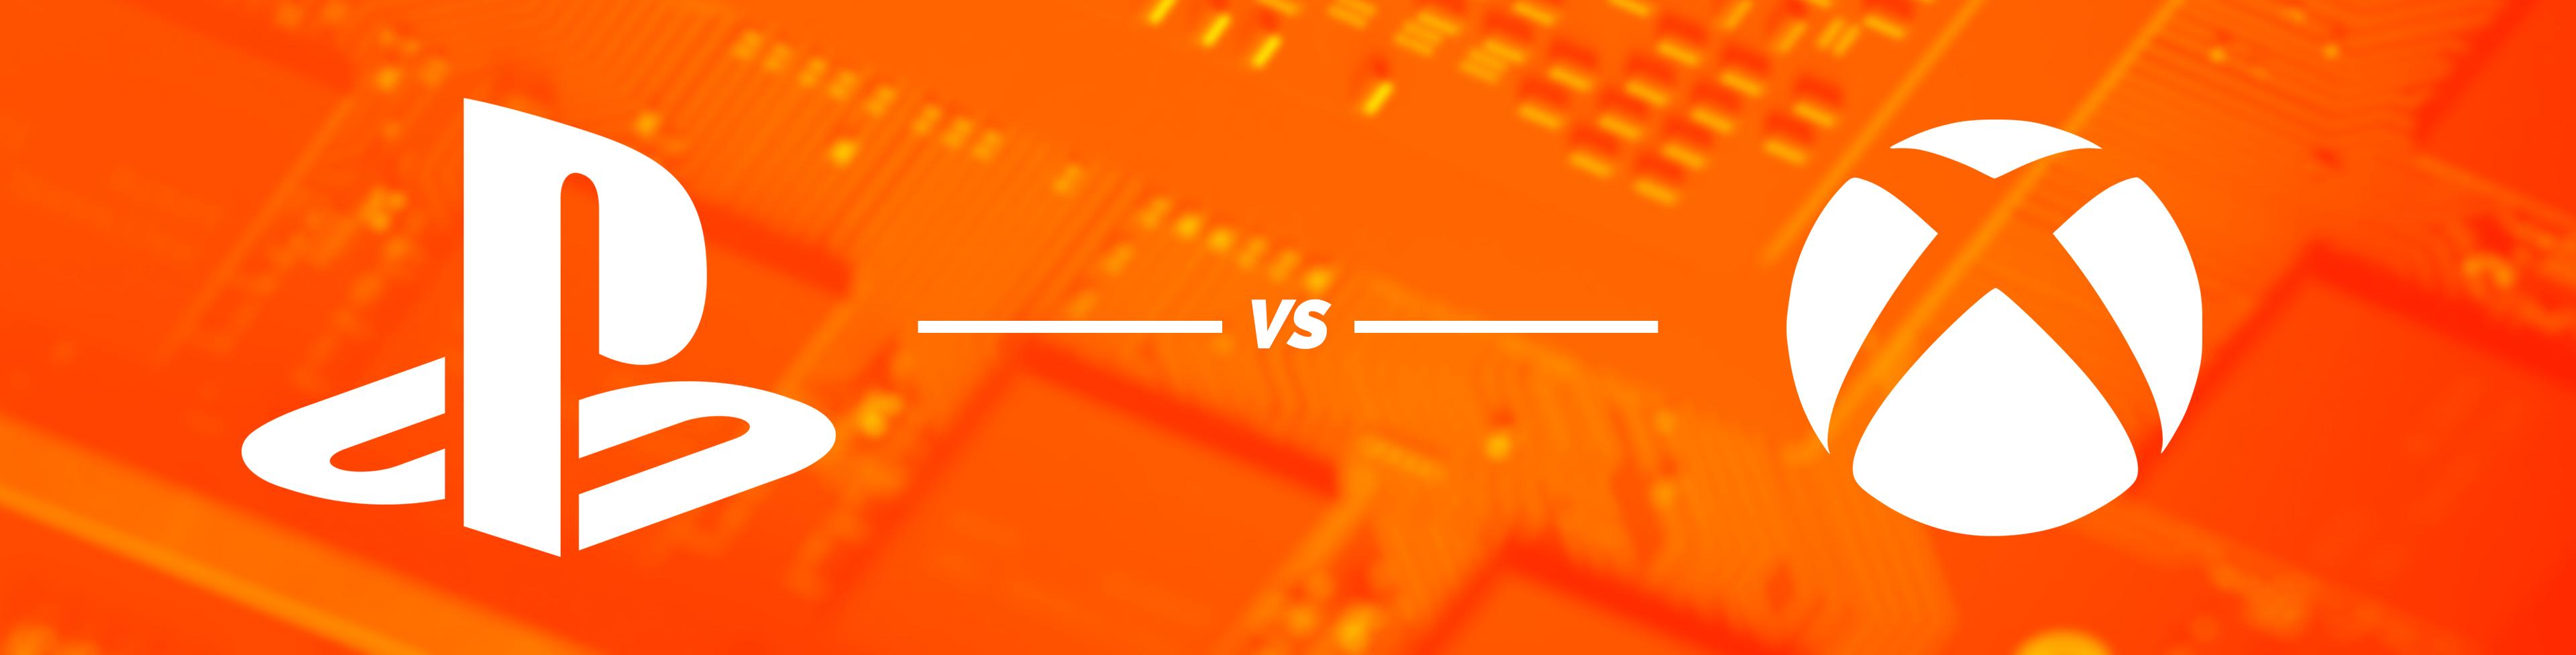 """Illustratie van de logo's van PlayStation en Xbox, tegenover elkaar gezet als vijanden in deze """"console oorlog""""."""